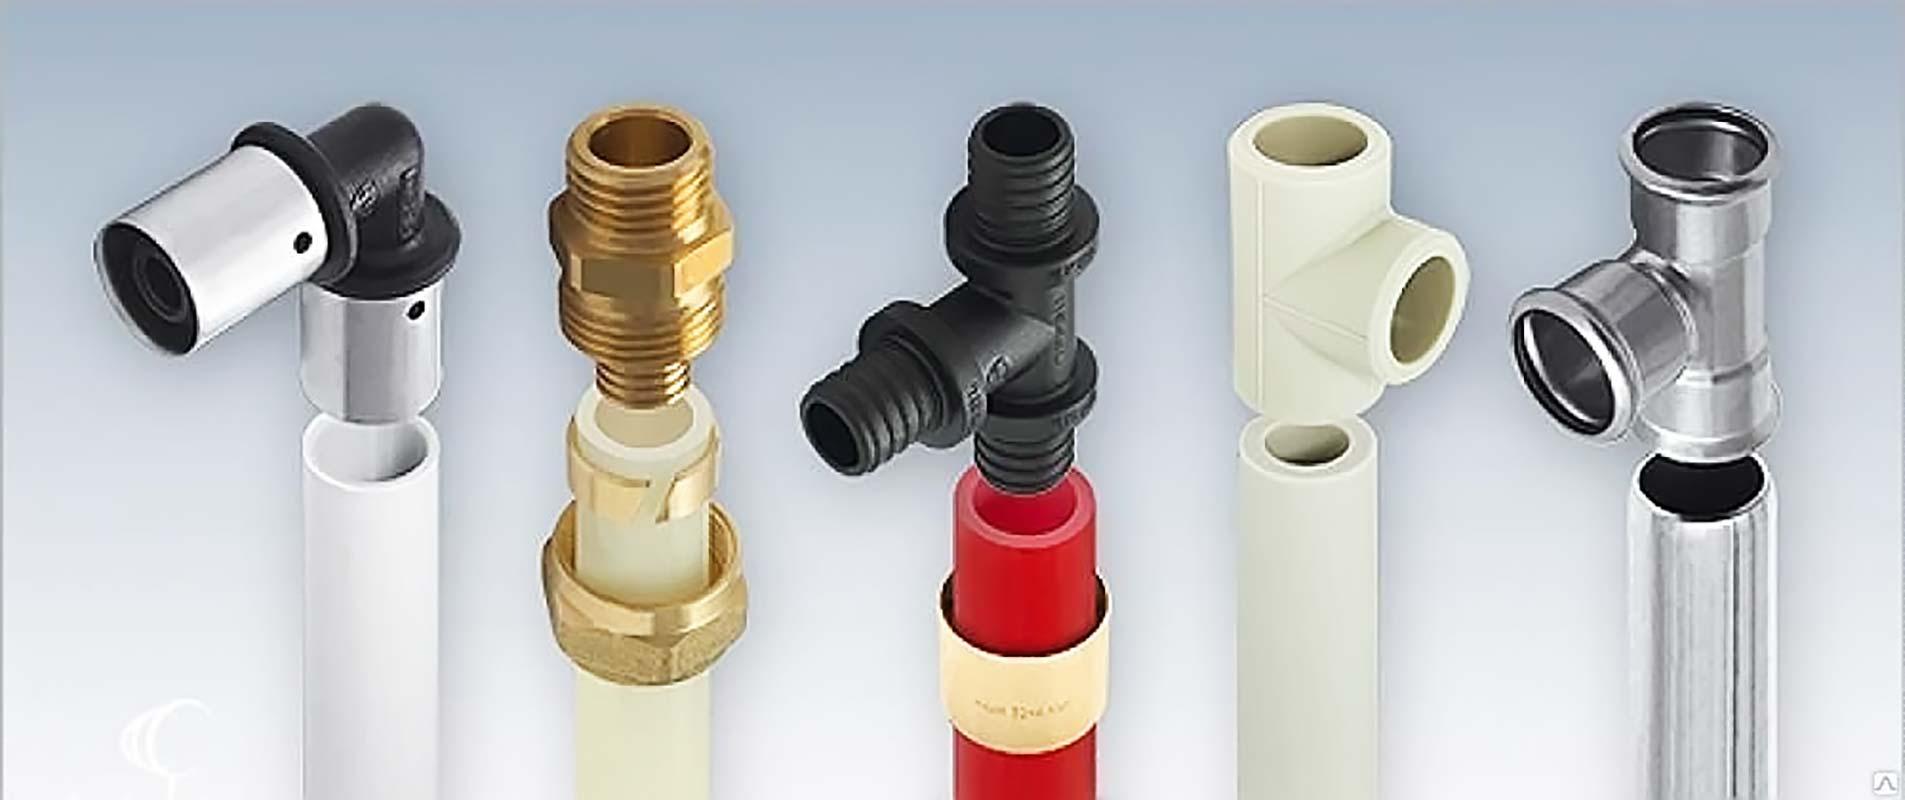 Какие трубы выбрать для водопровода: сравниваем три варианта | ремонт и дизайн ванной комнаты